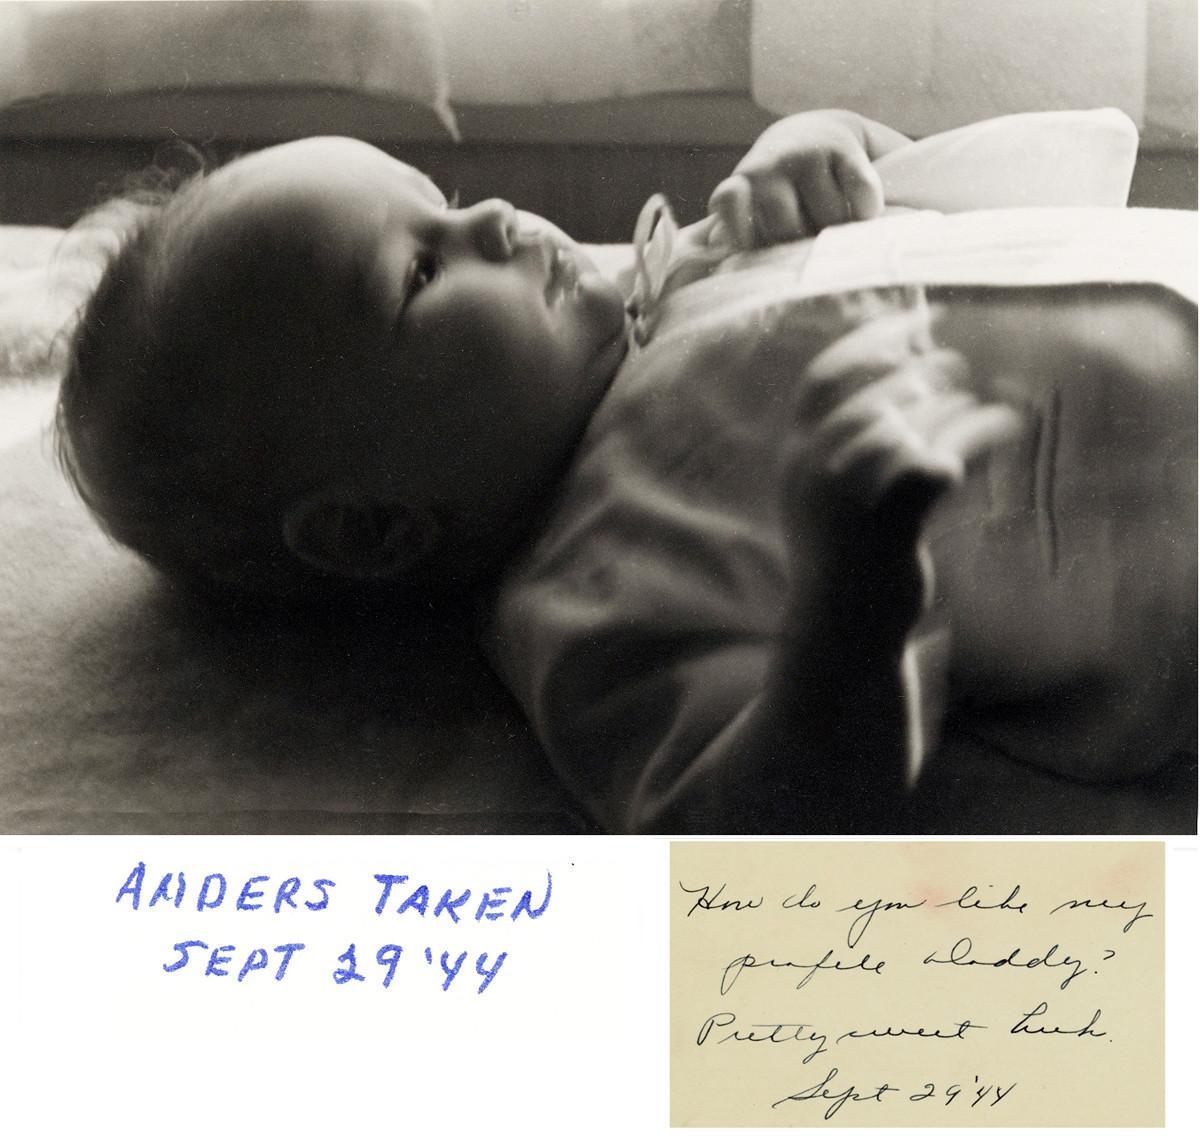 Baby Anders Norgaard